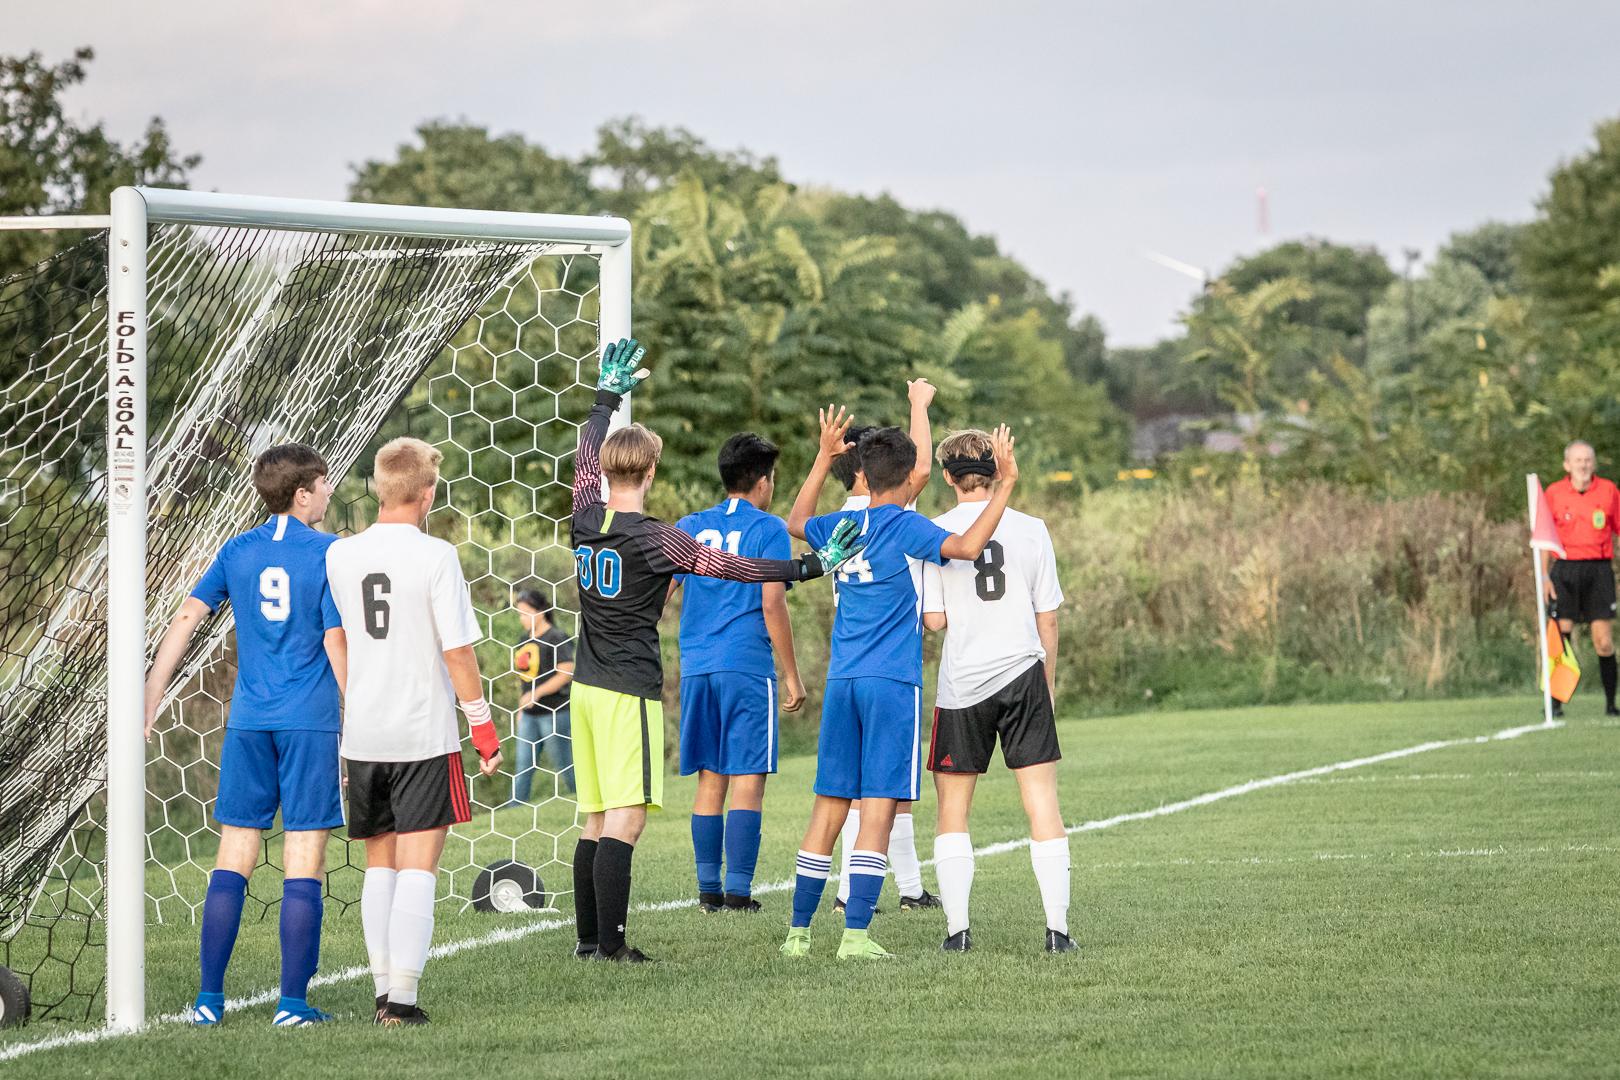 Marian-Varsity-Boys-Soccer-9625.jpg